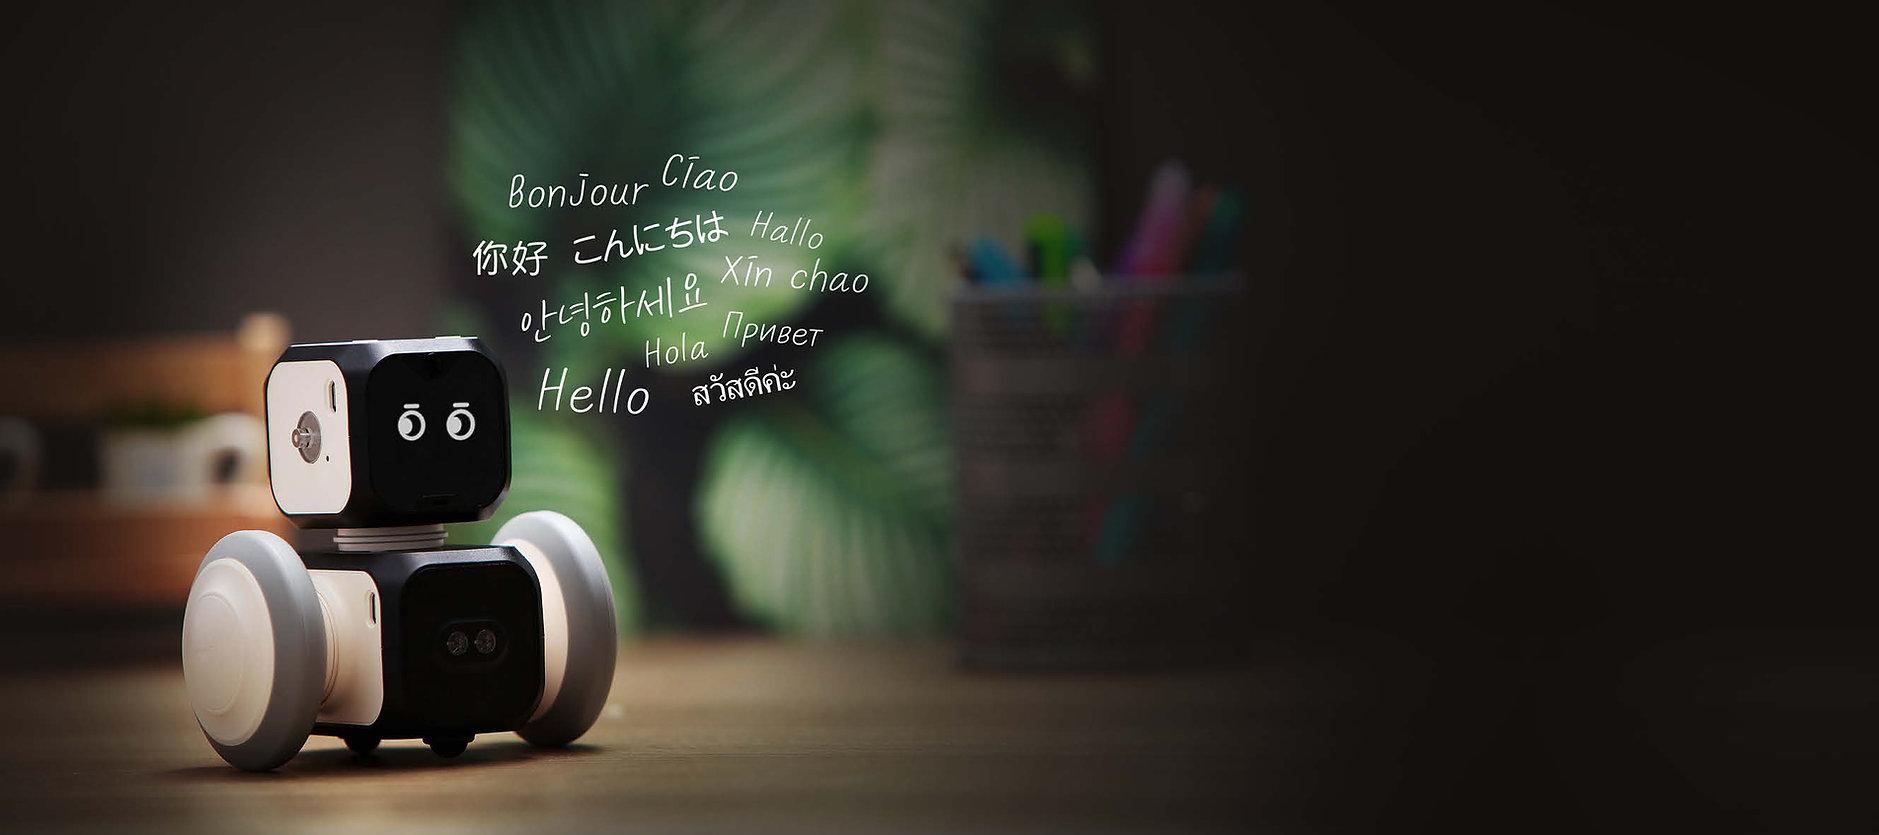 큐브로이드-아티보 웹브로(배경)8.jpg